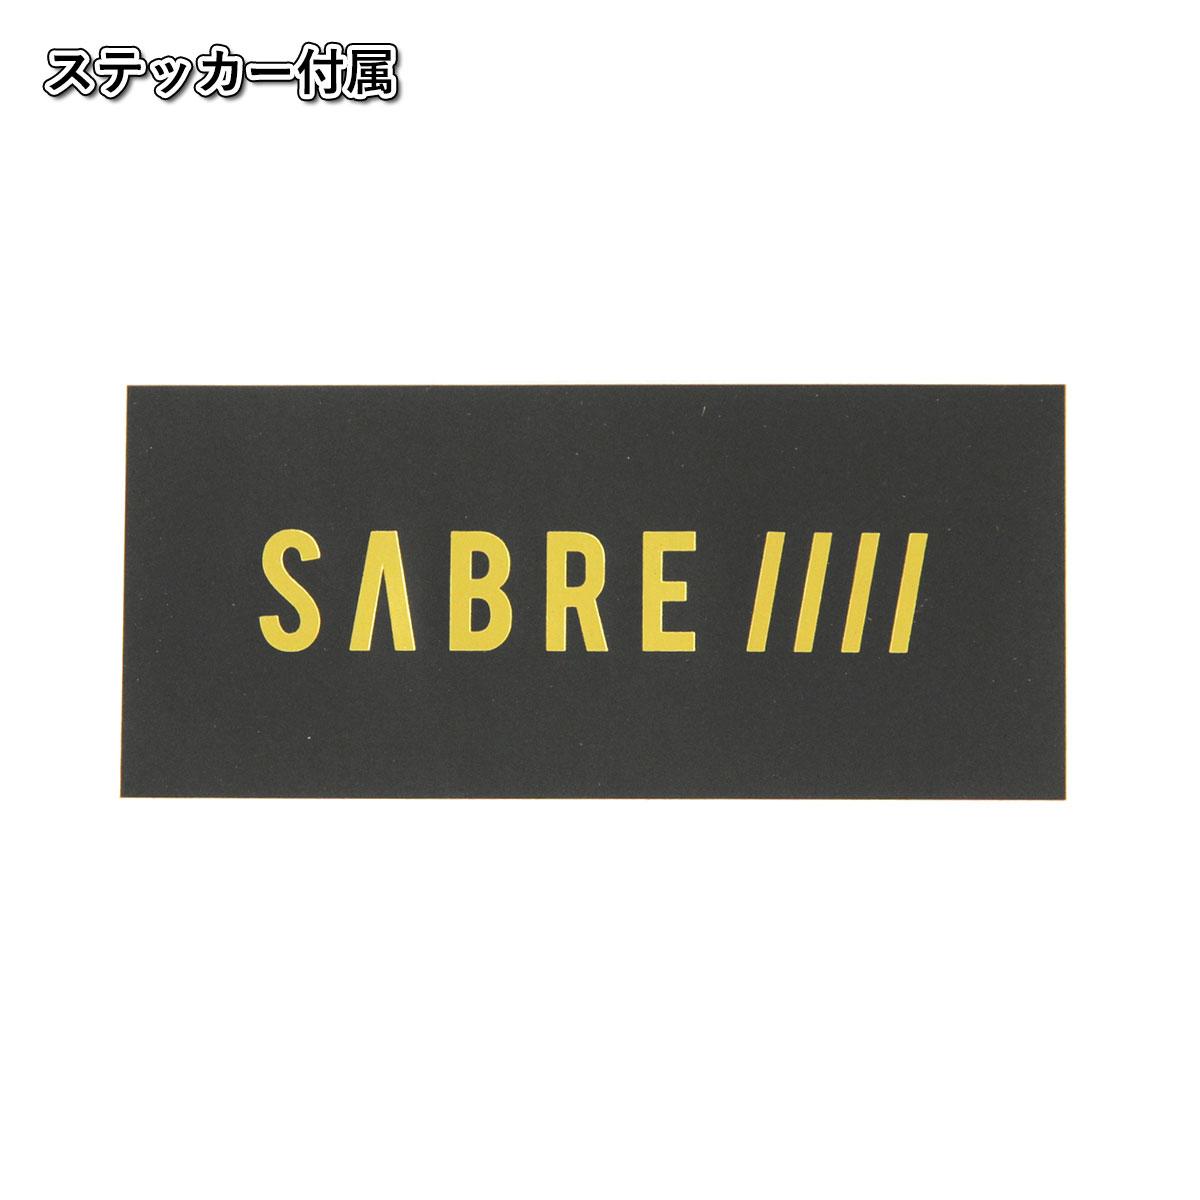 sabre_2